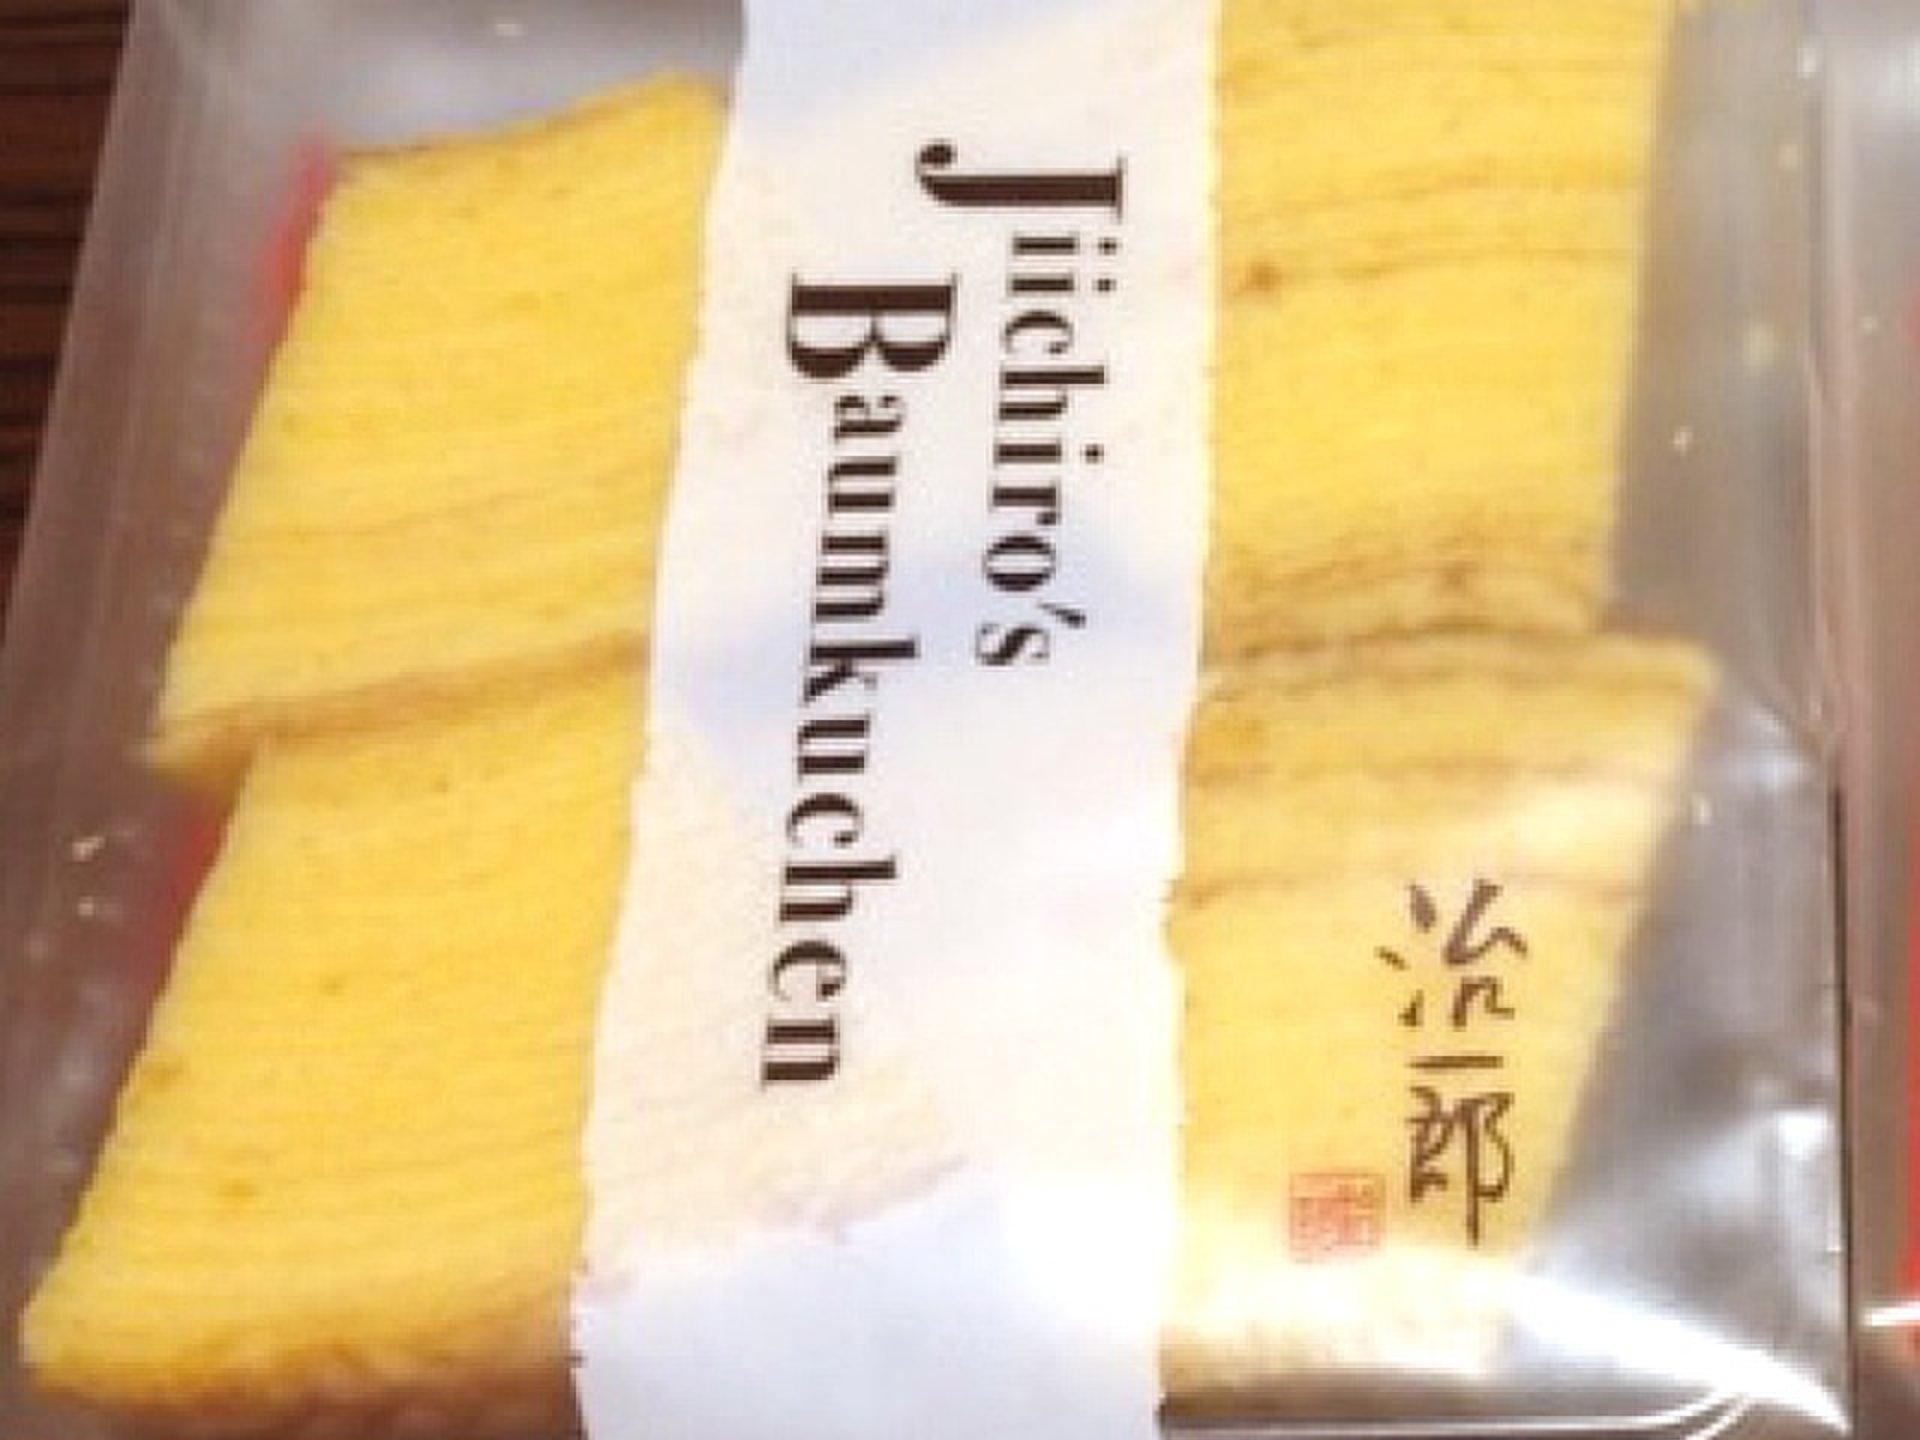 治一郎 相鉄ジョイナス店